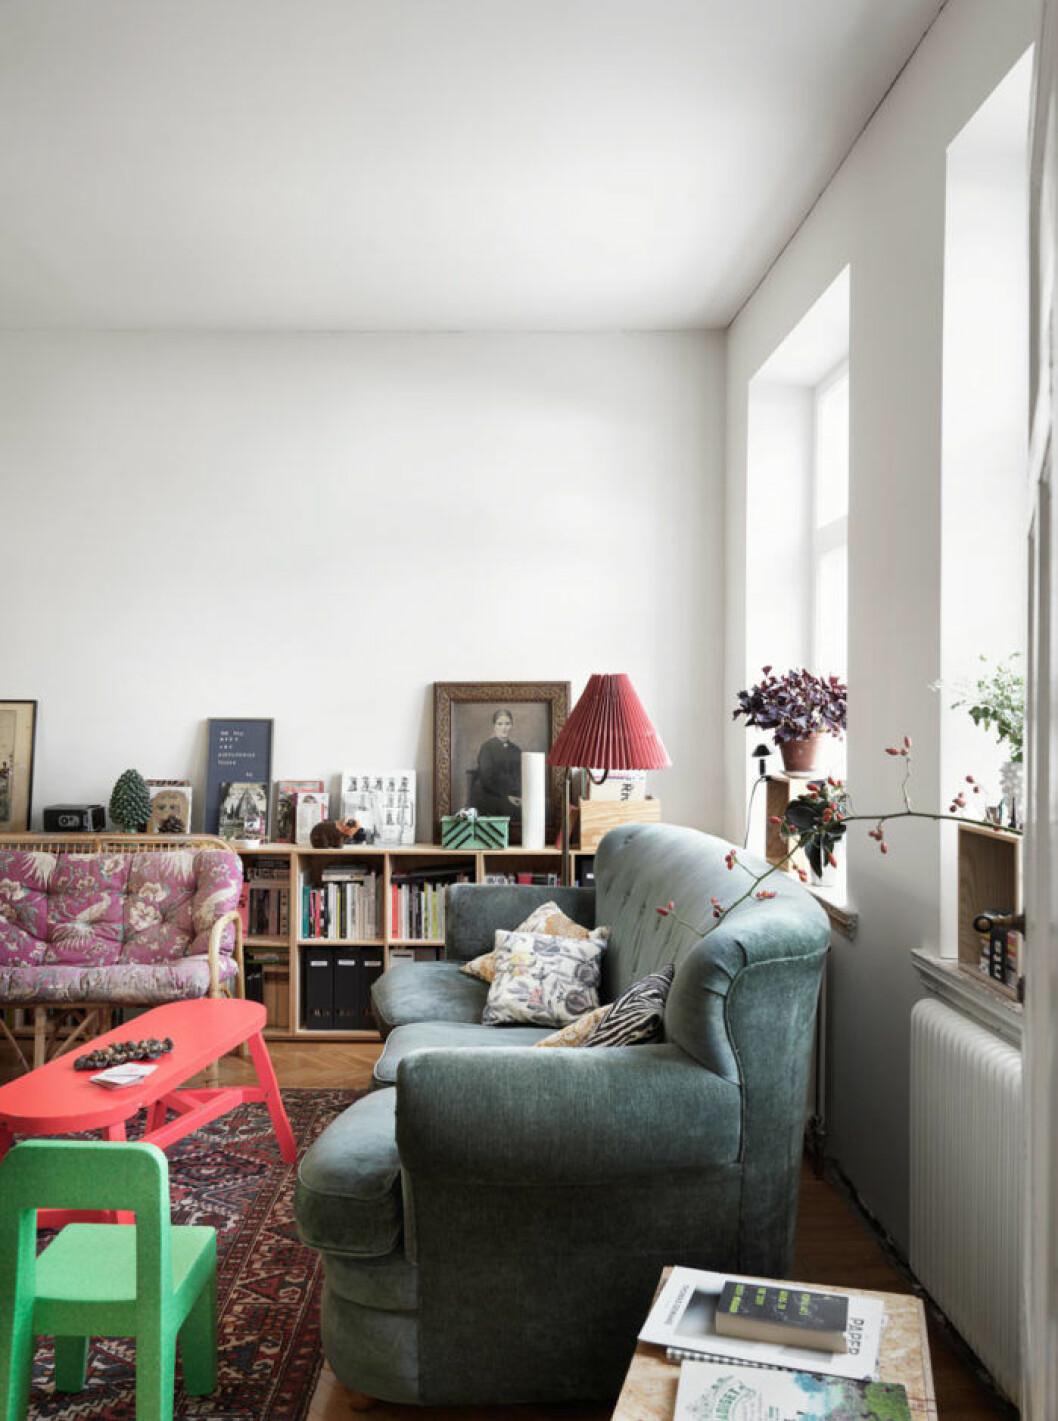 Vitmålat vardagsrum med färgglada möbler